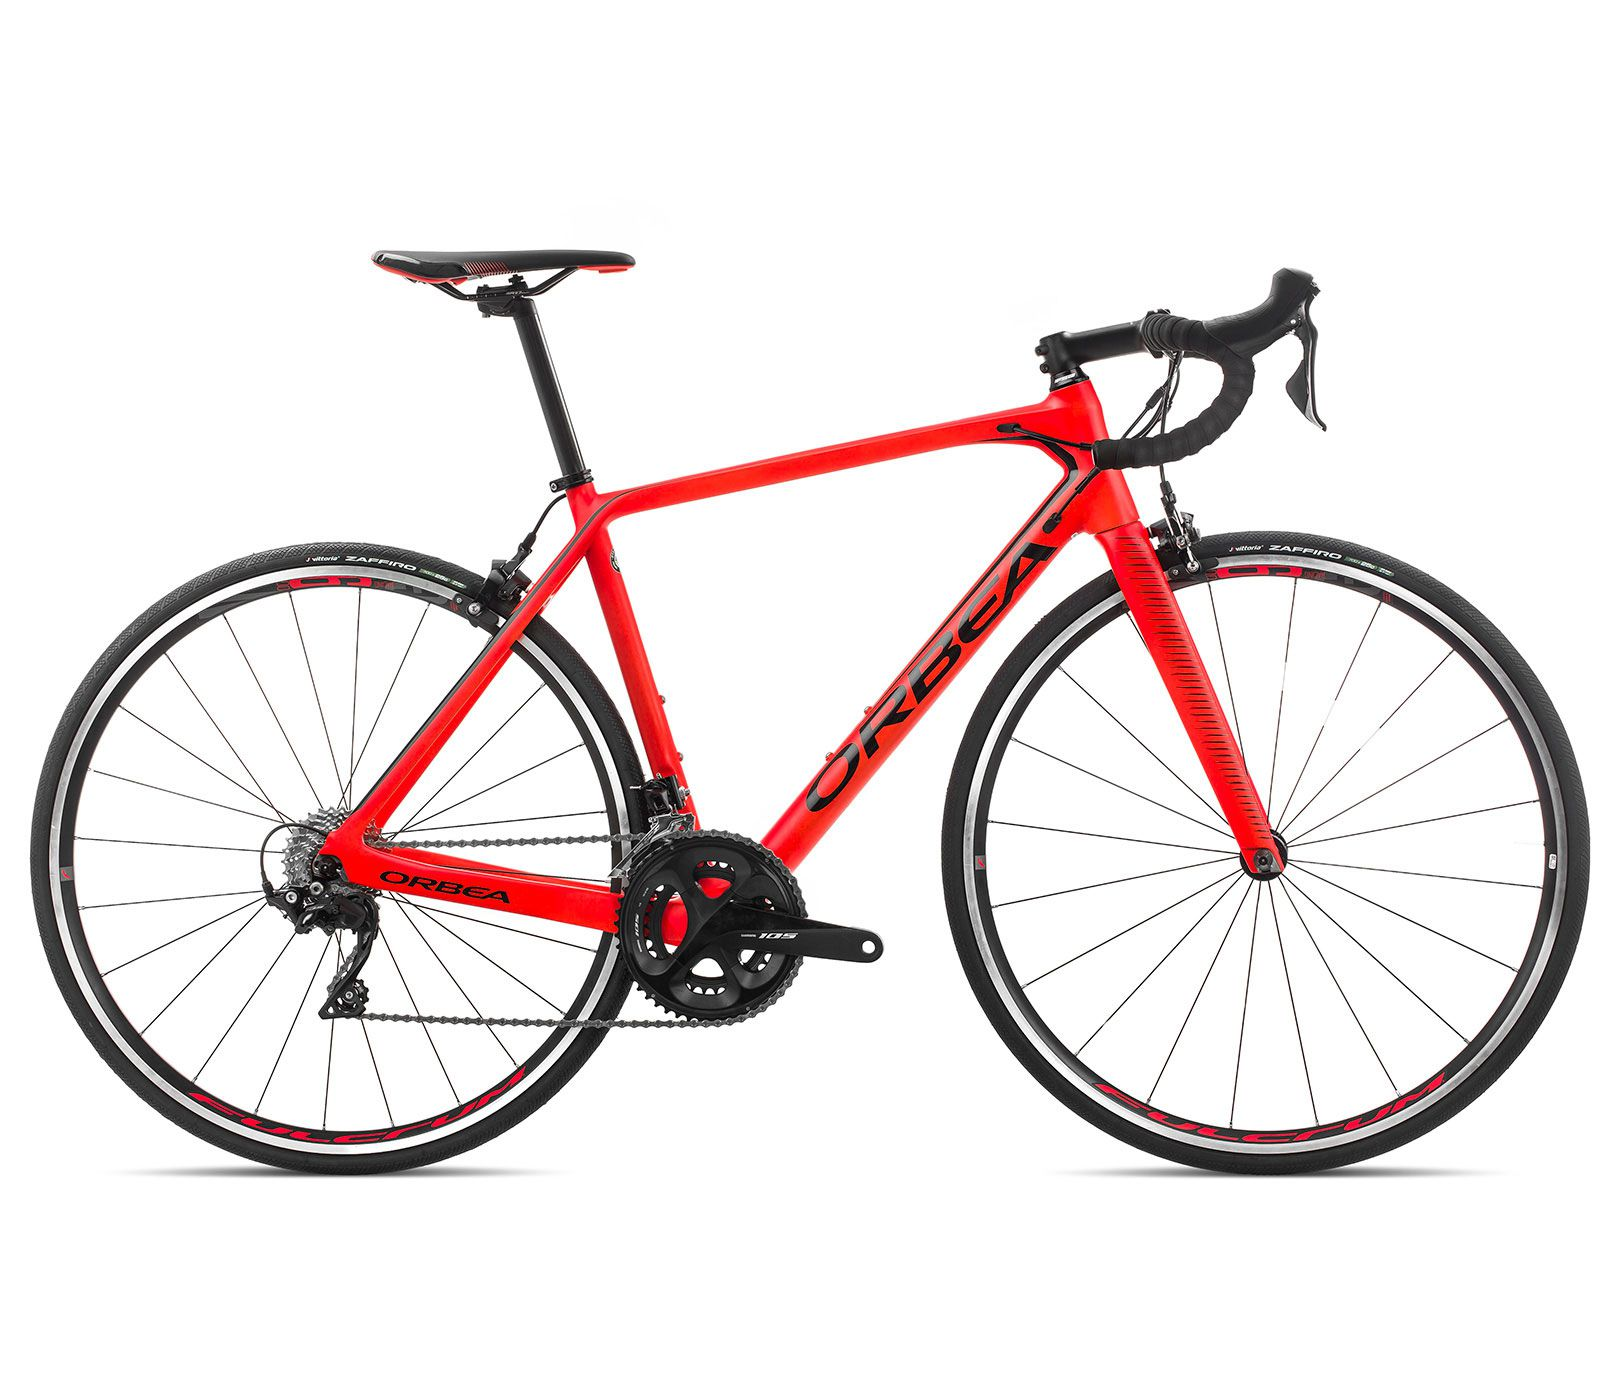 Bicicleta estrada Orbea Orca M30 Tam 53 Verm/Preta - 2020